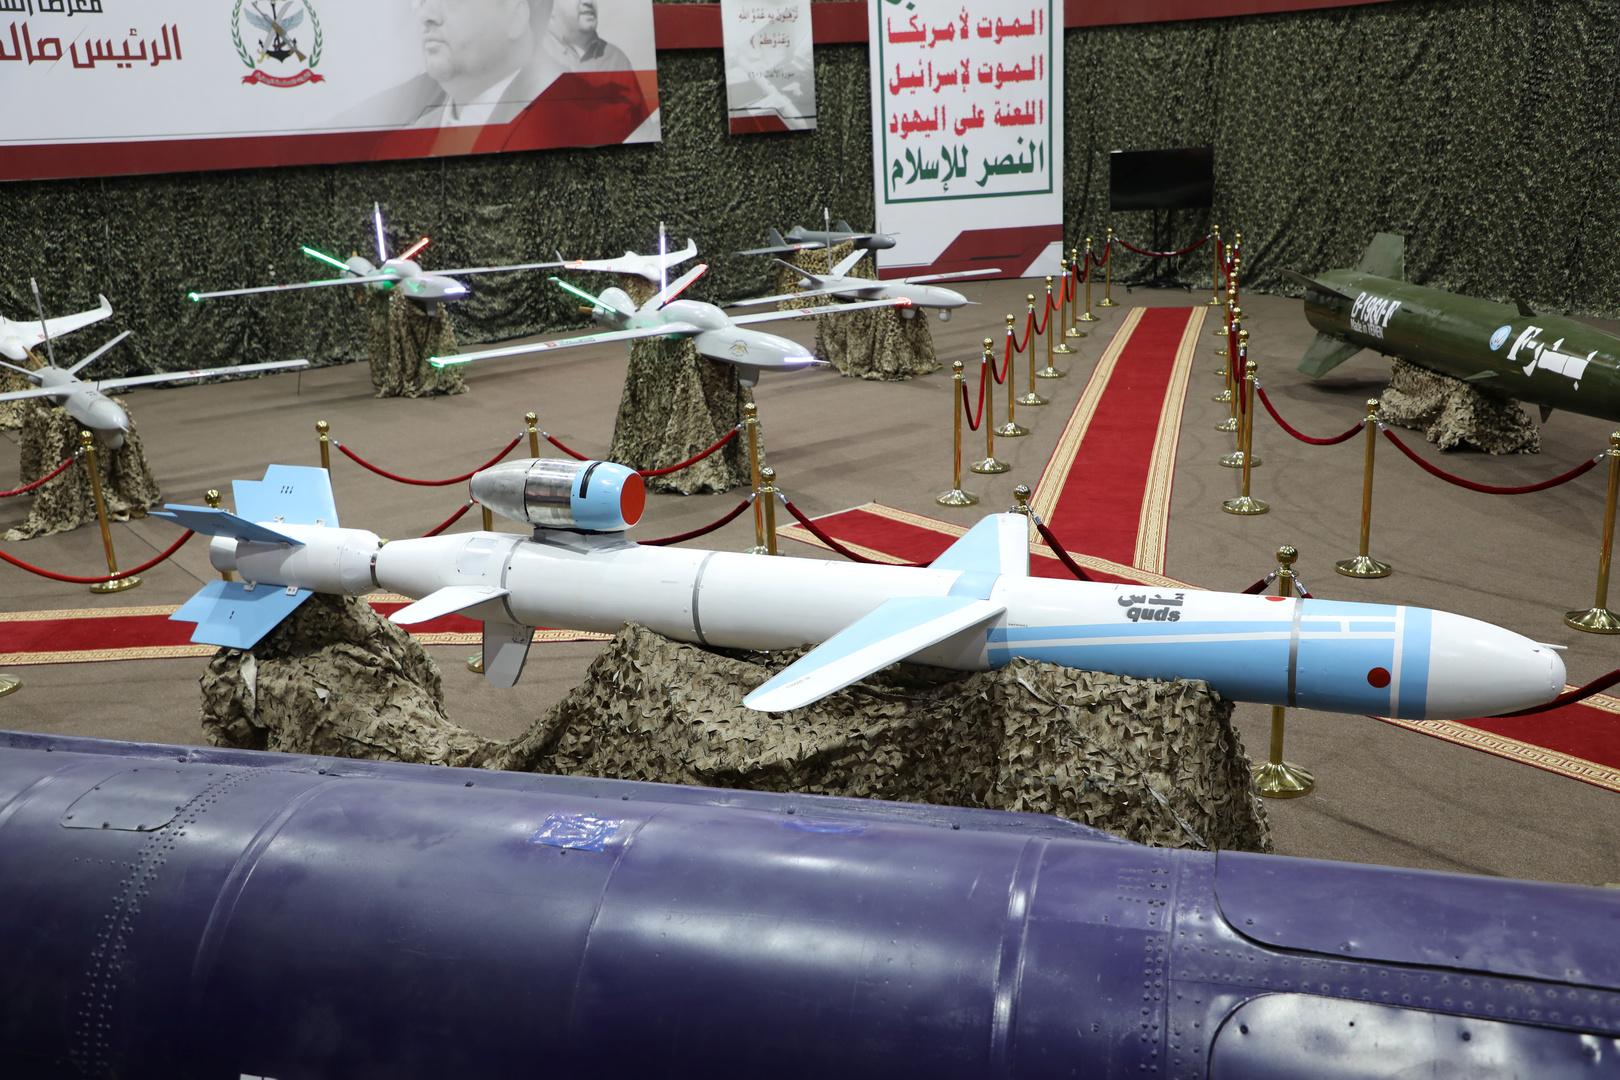 التحالف العربي يعلن اعتراض طائرتين مفخختين